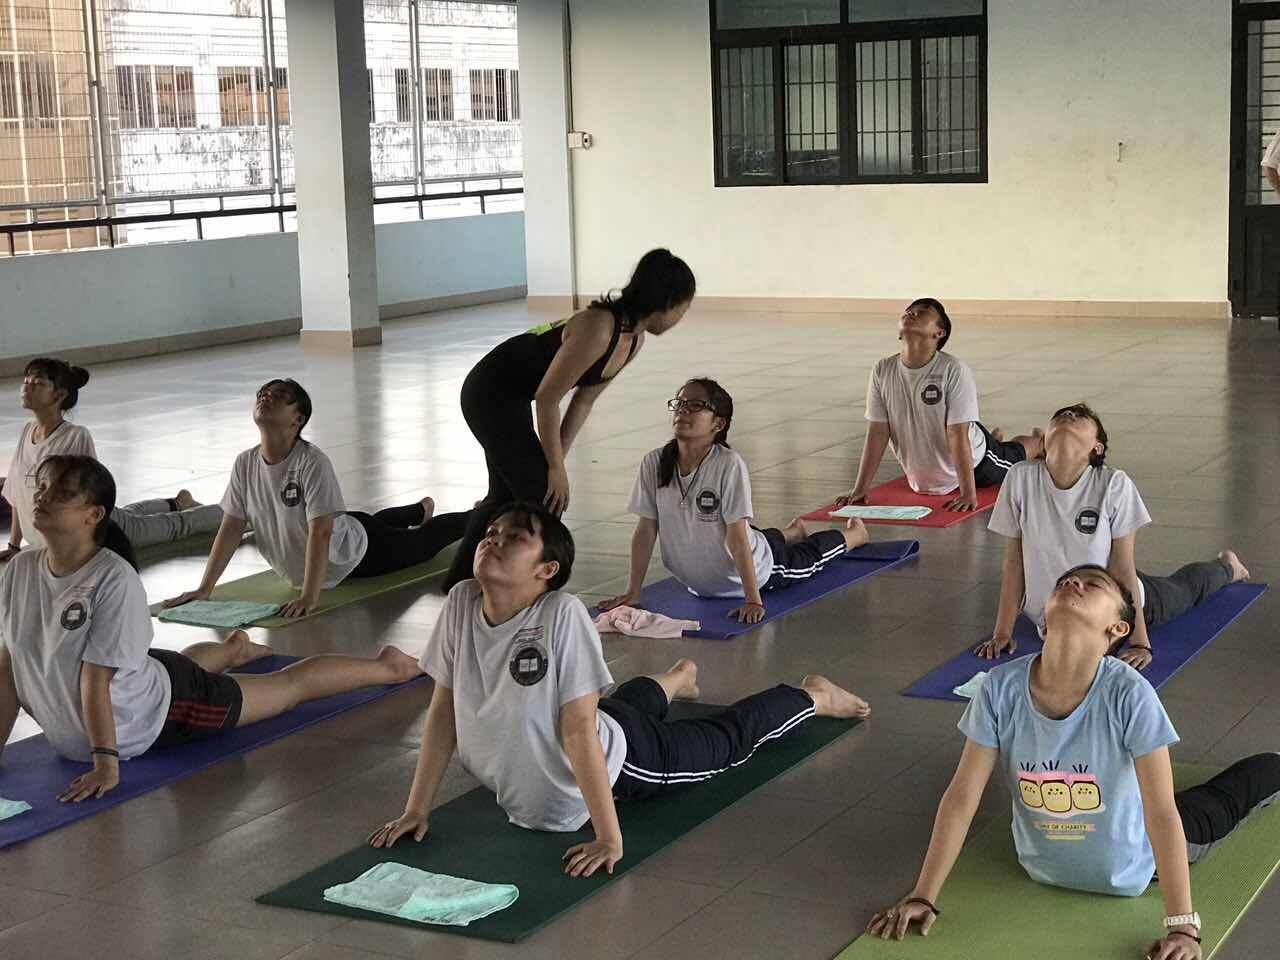 Gio_hoc_yoga_cua_hoc_sinh_noi_tru